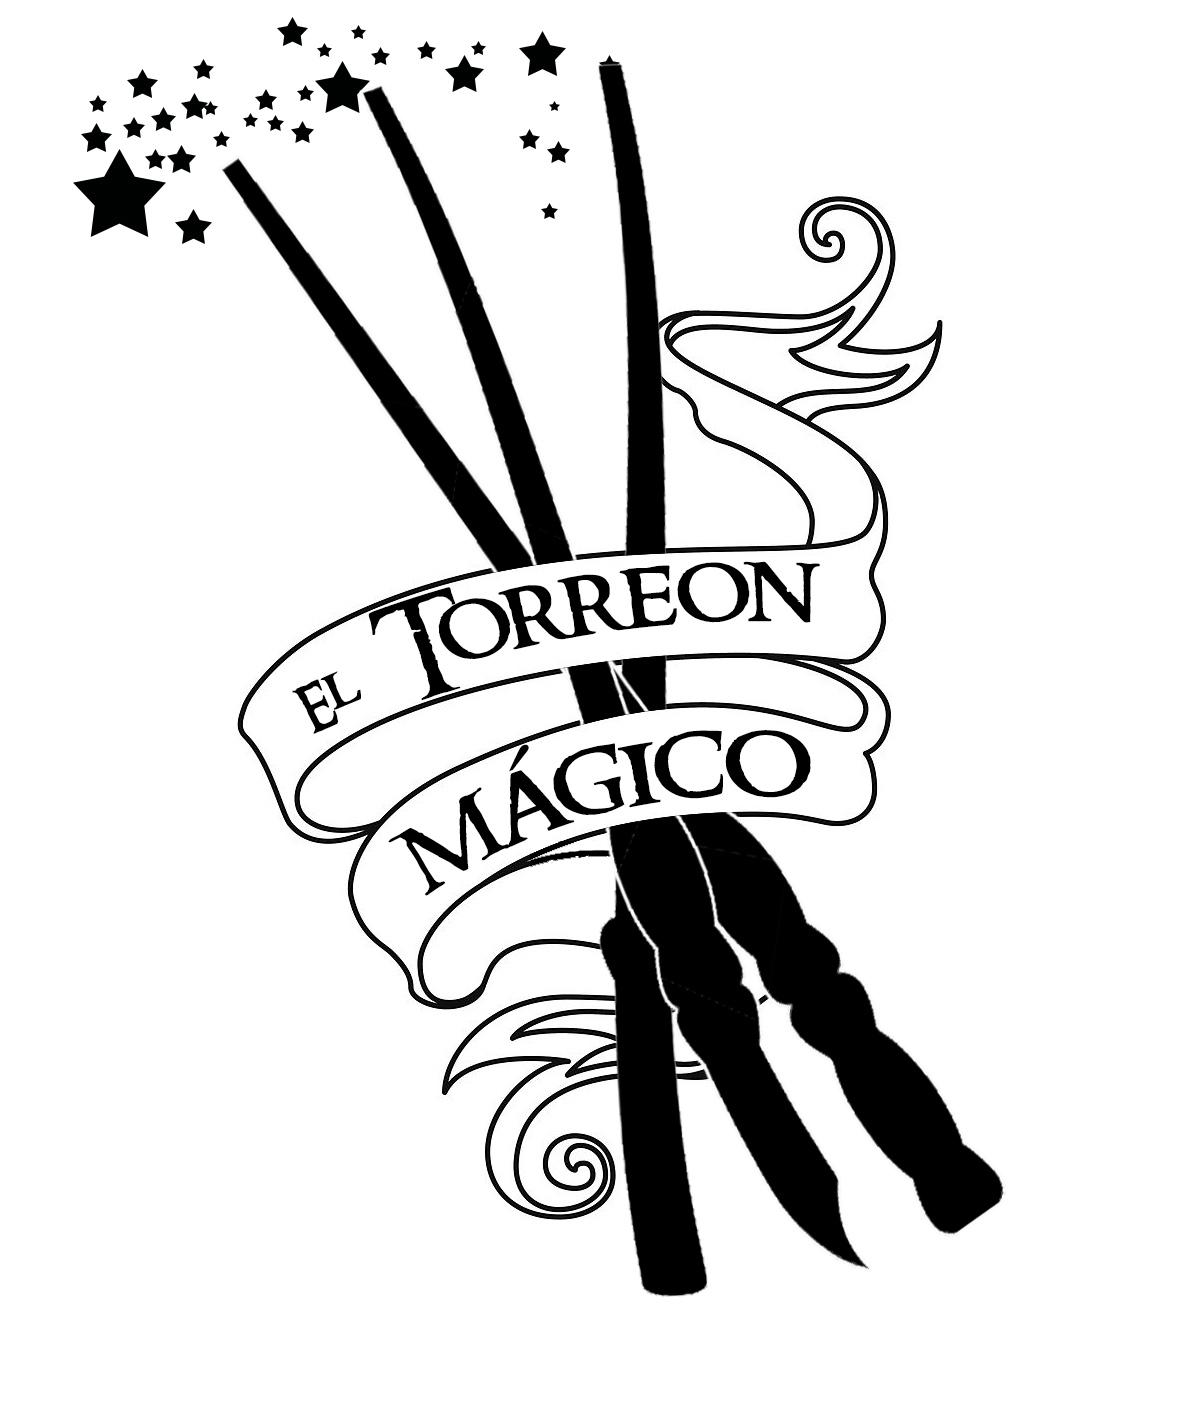 El Torreon Mágico Logo